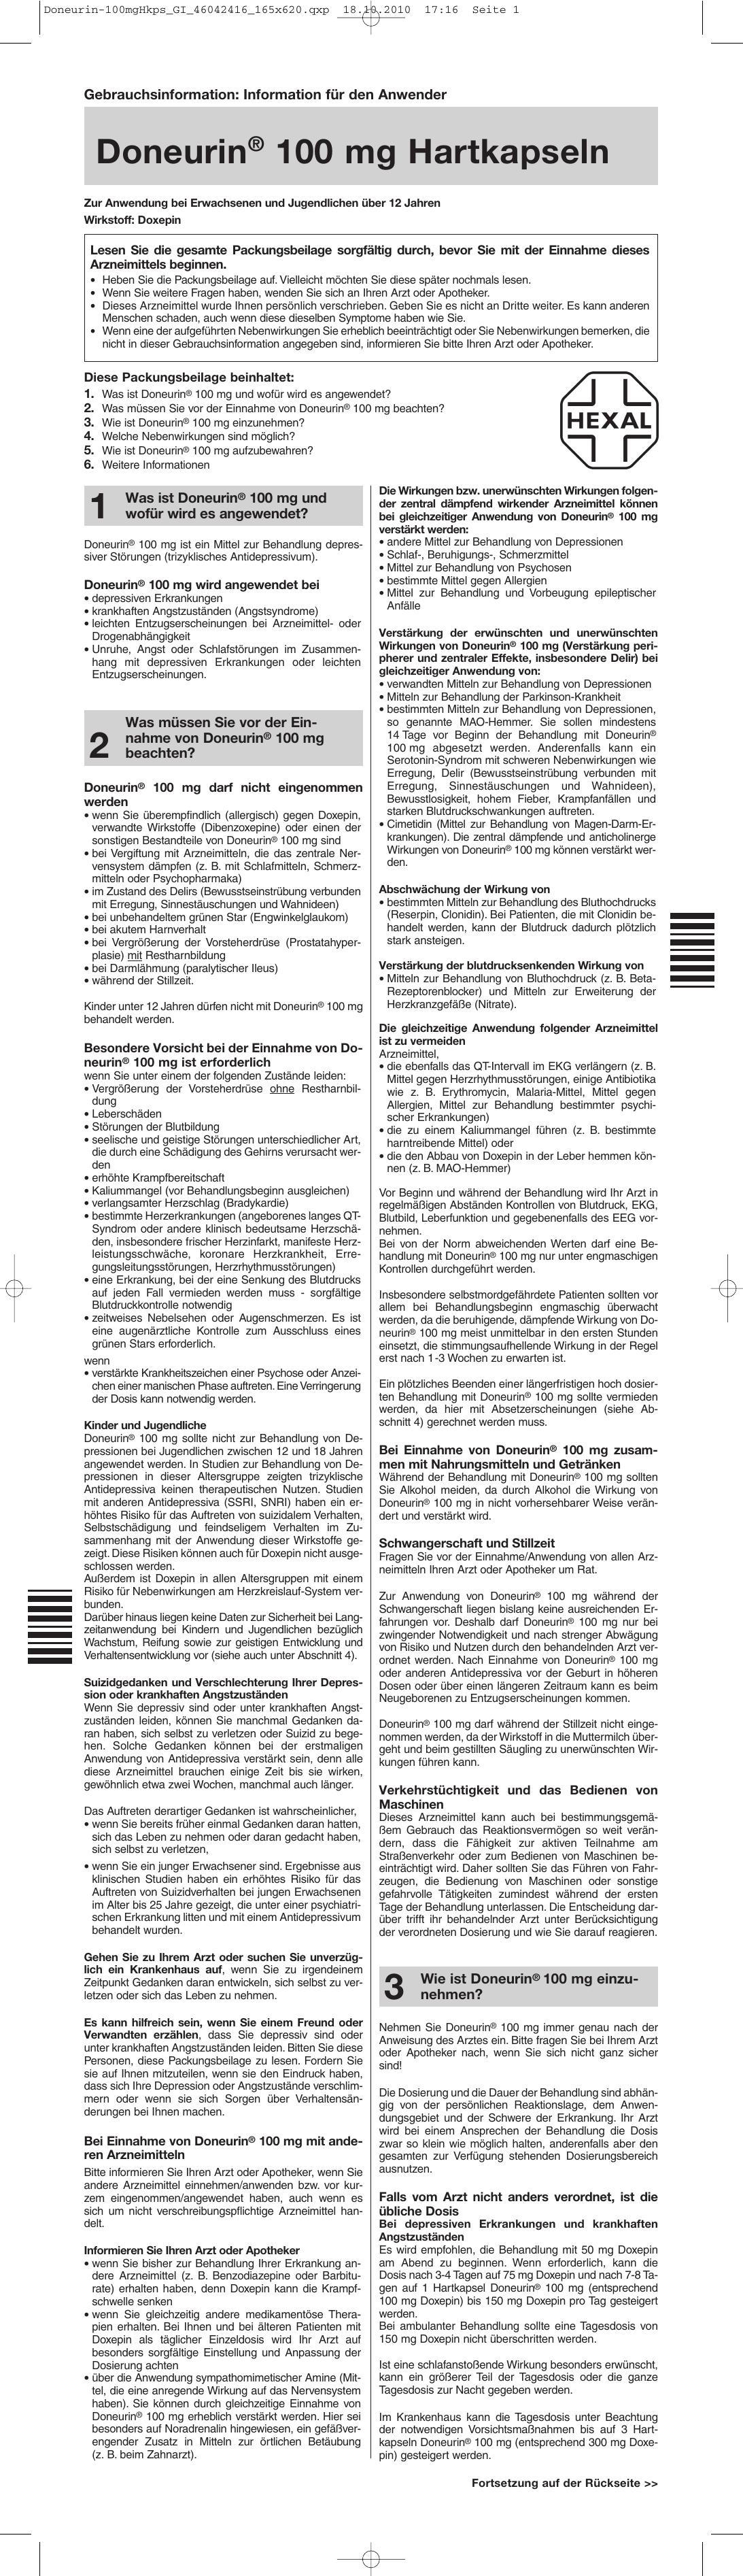 Doneurin® 100 mg Hartkapseln